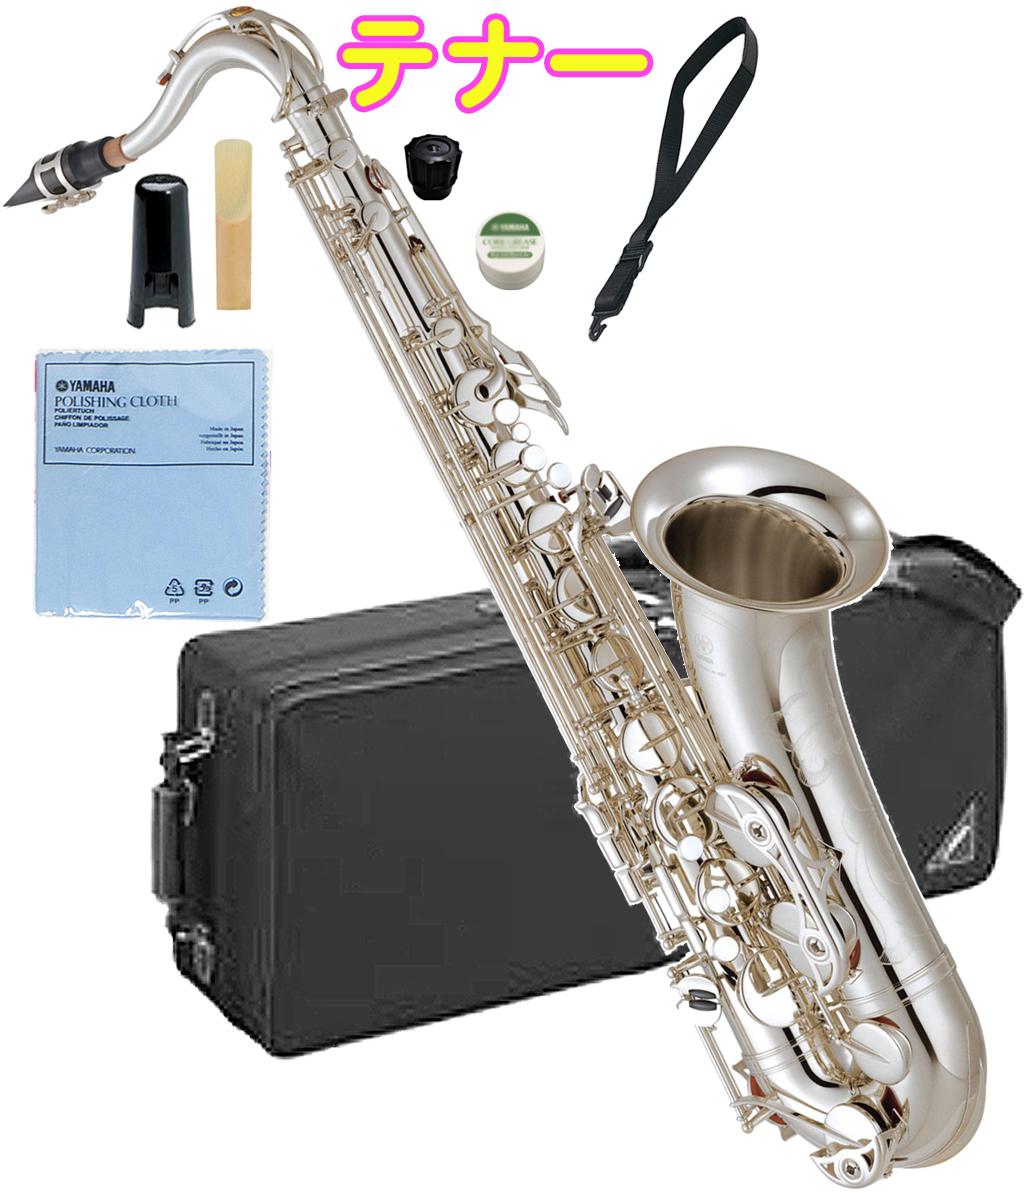 YAMAHA ( ヤマハ tenor ) YTS-62S ヤマハ テナーサックス 新品 送料無料 銀メッキ 日本製 管楽器 管体 カラー シルバー テナーサクソフォン 正規品 62シリーズ YTS-62S-03 tenor saxophone 送料無料, はんどくらふとCOCO:c39bc66e --- officewill.xsrv.jp